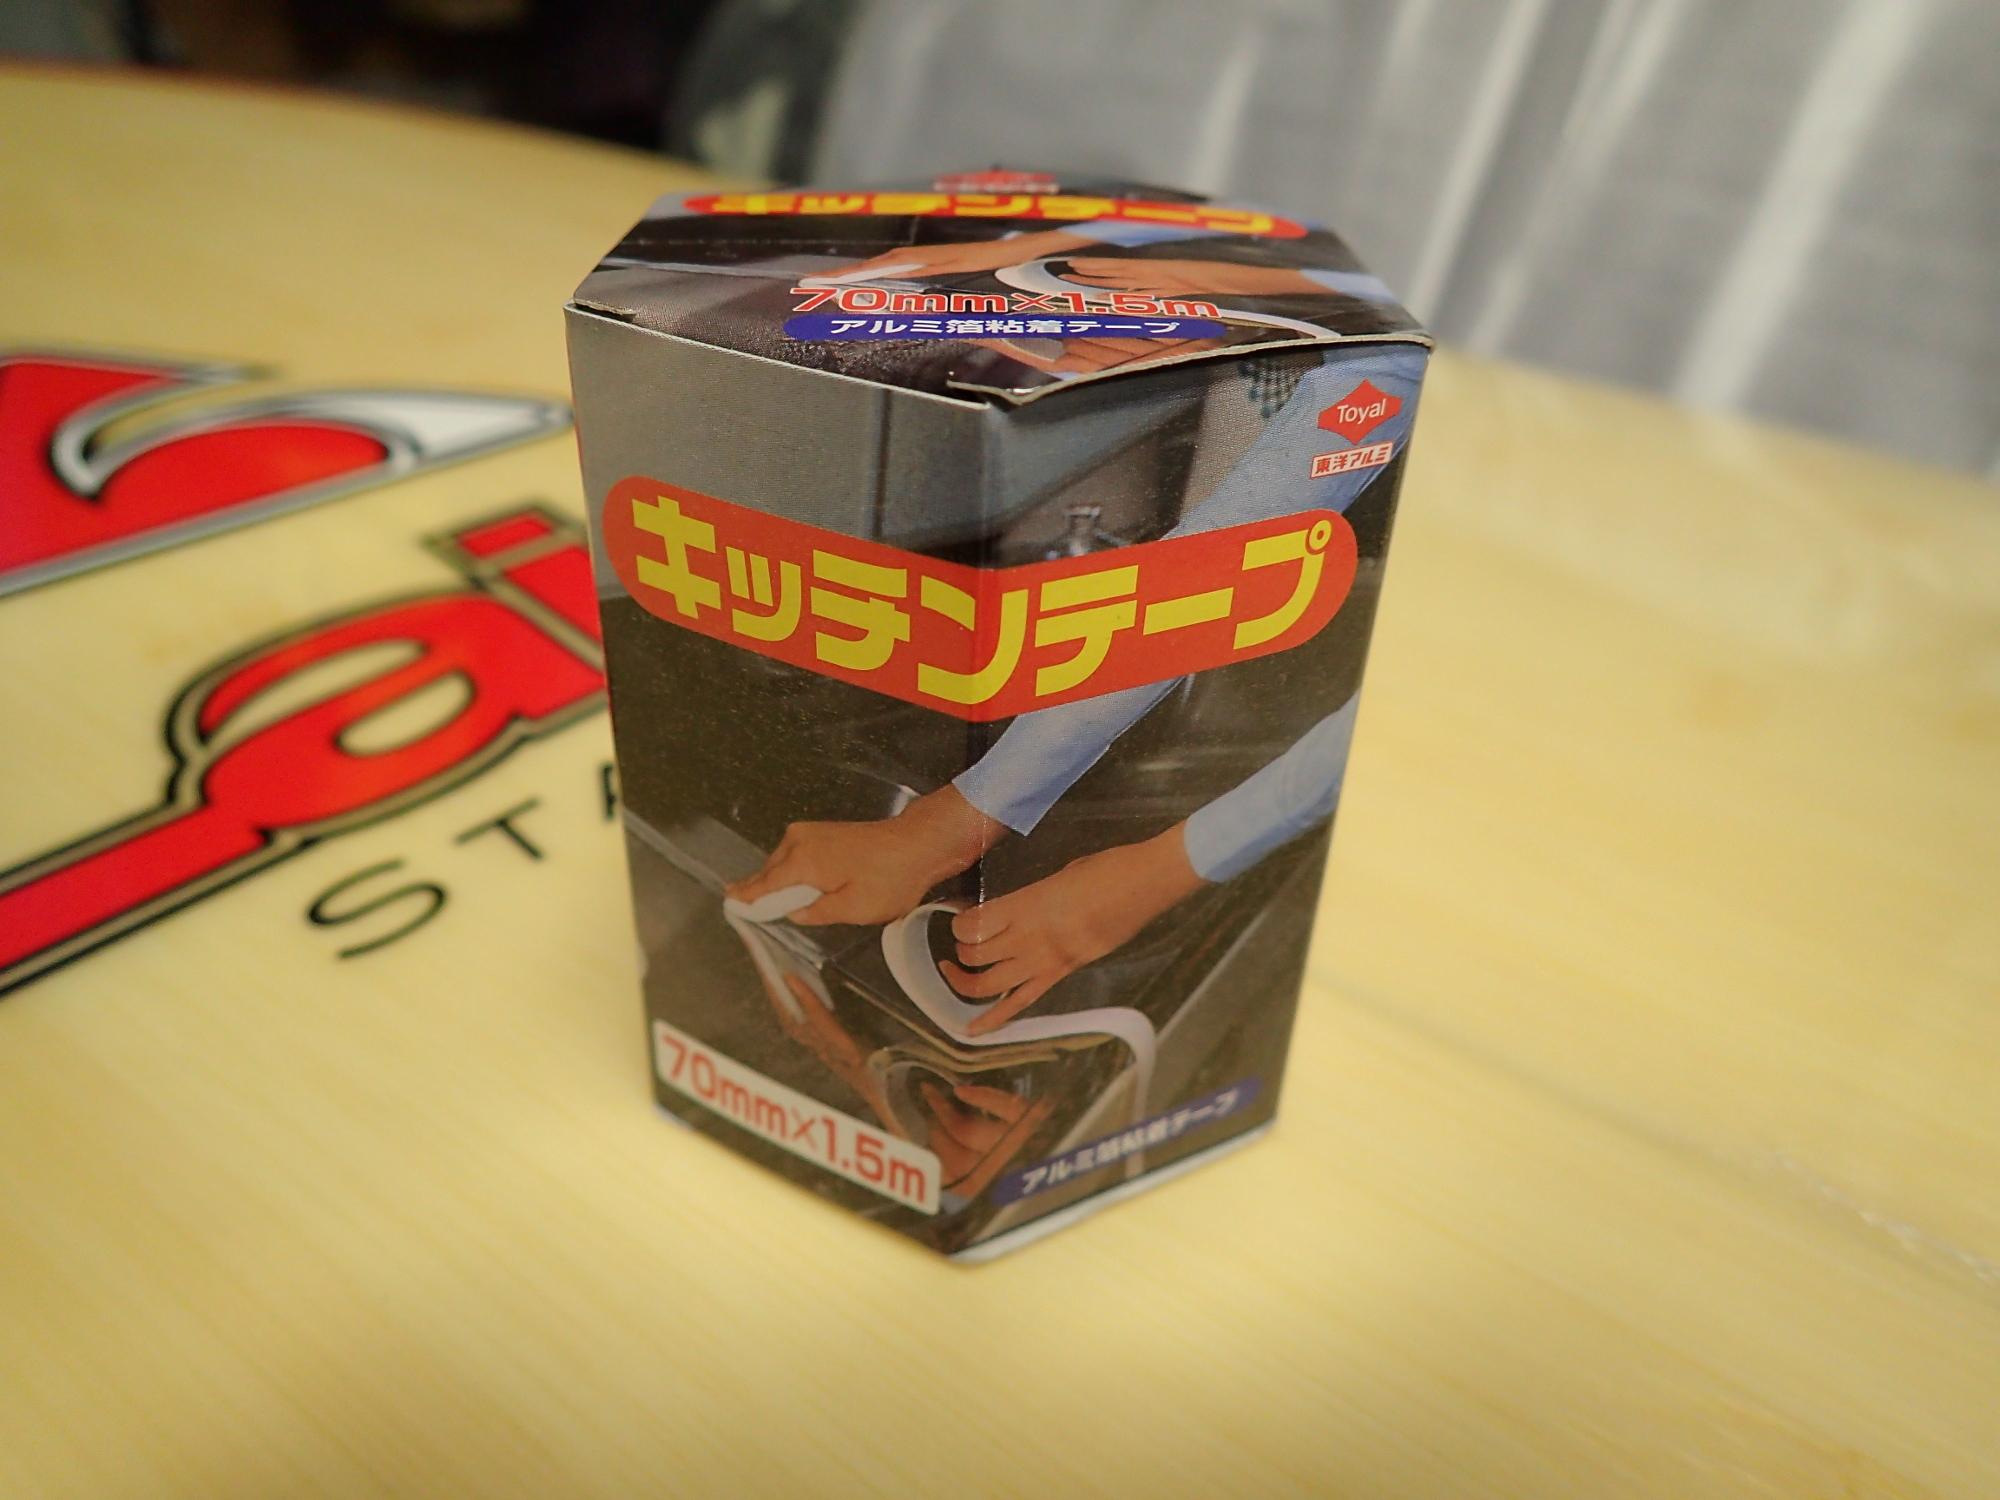 指定のアルミテープを購入。角を丸くしたら、ひび割れ箇所に貼るだけ。